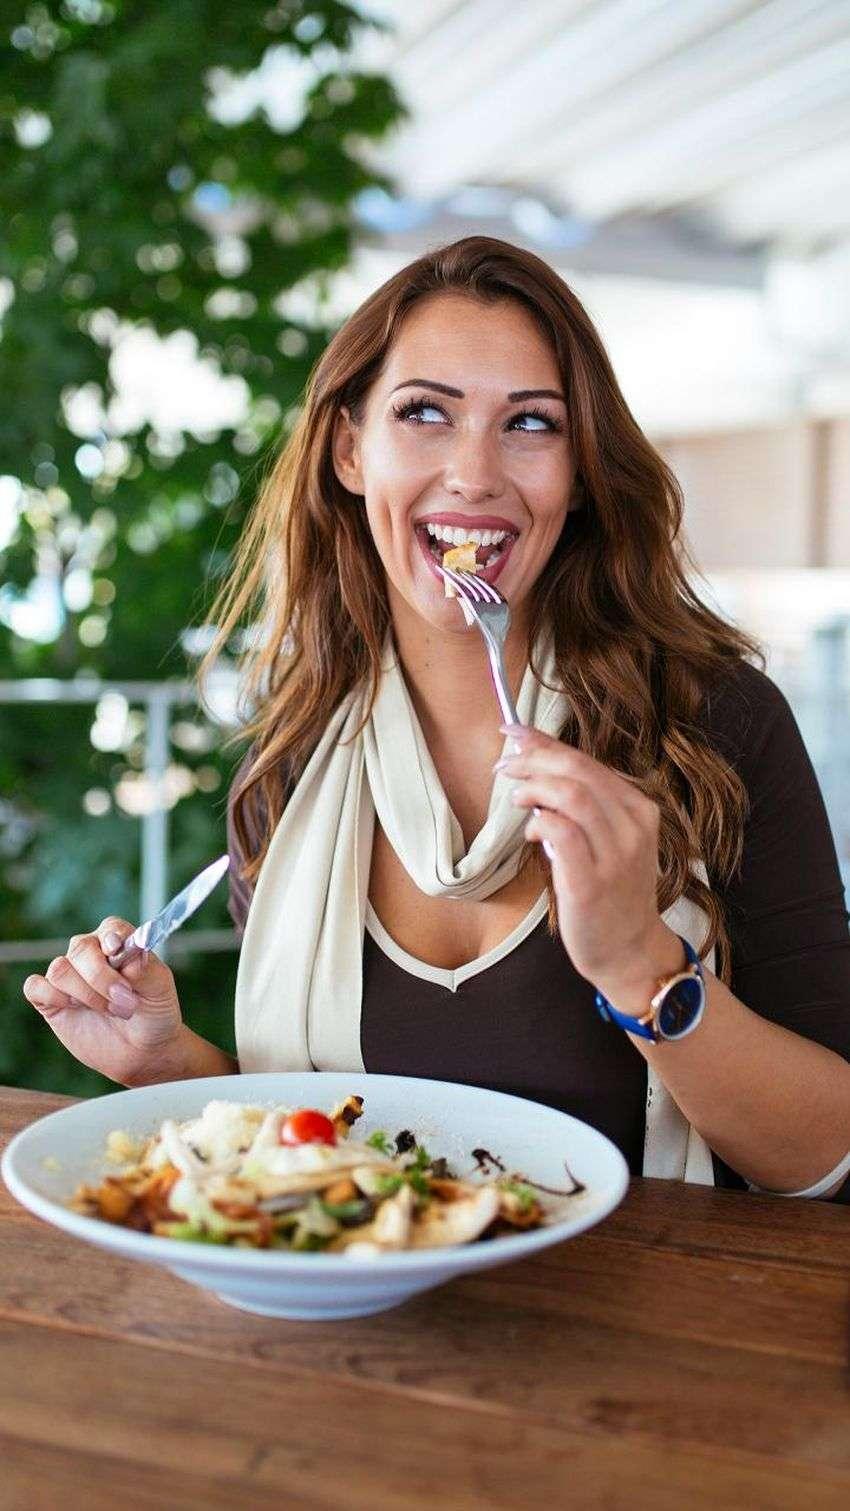 न्यू रिसर्च: स्वस्थ और सक्रिय जीवनशैली अपनाएं, यह उम्र बढऩे की प्रक्रिया को धीमा कर देती है